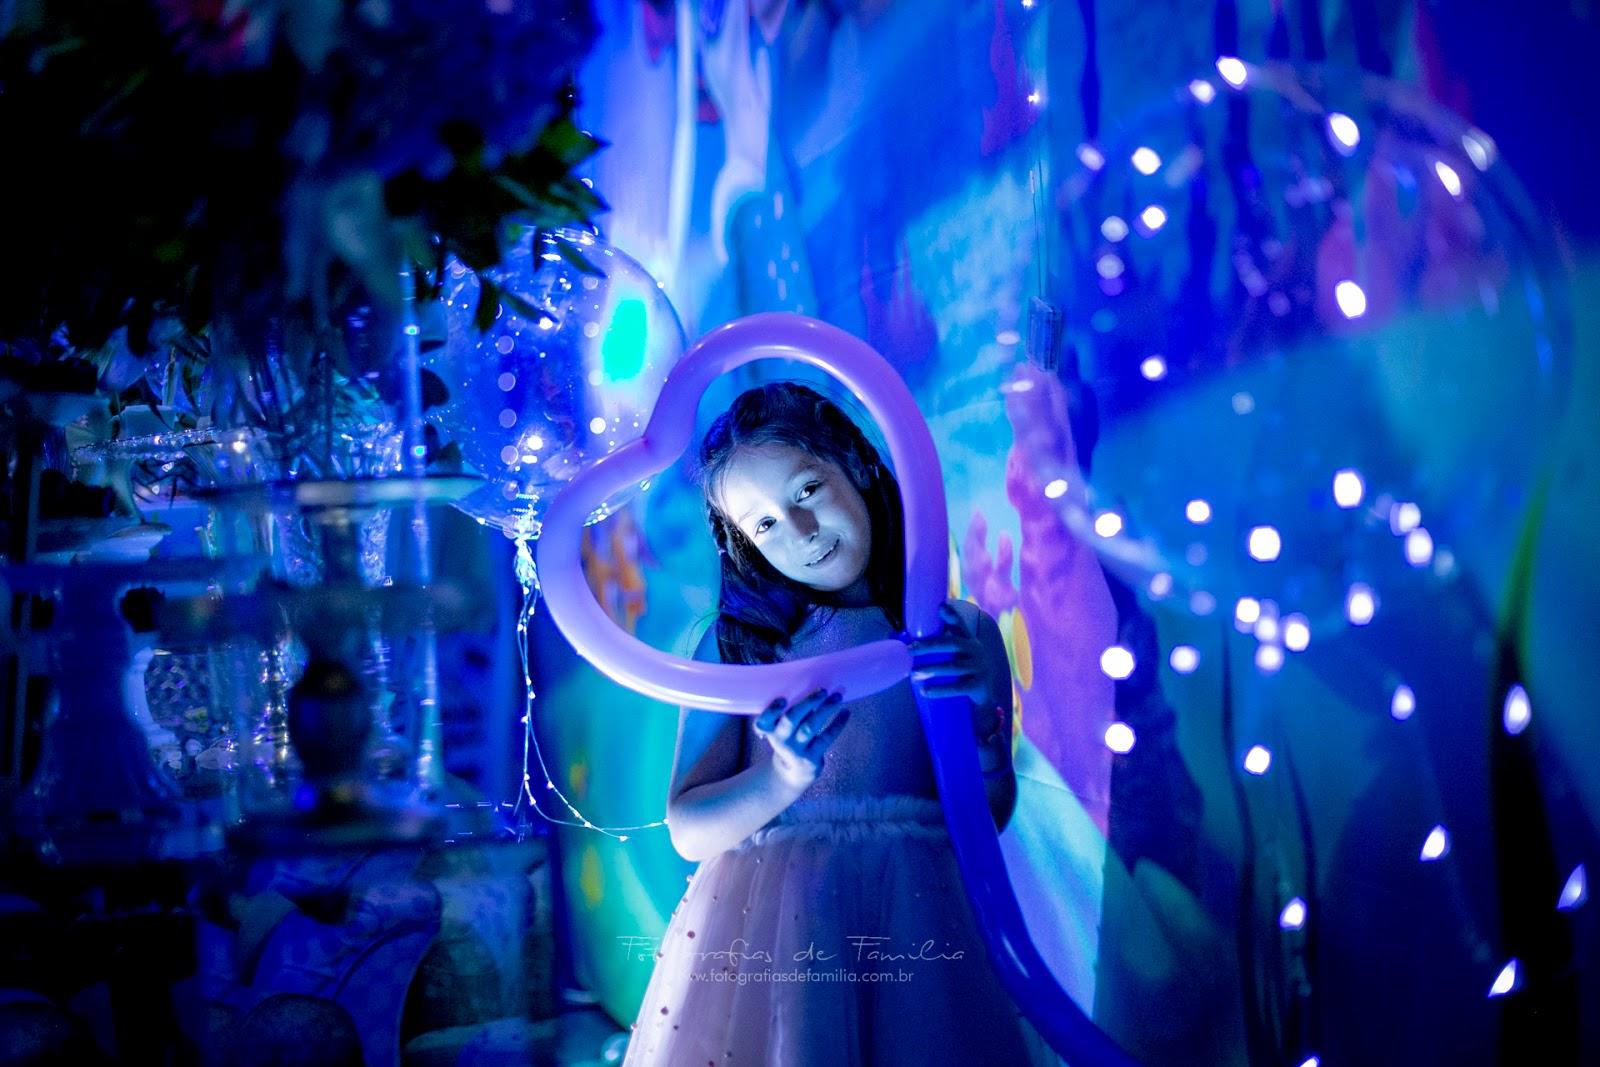 fotografo festa infantil - festa gabi